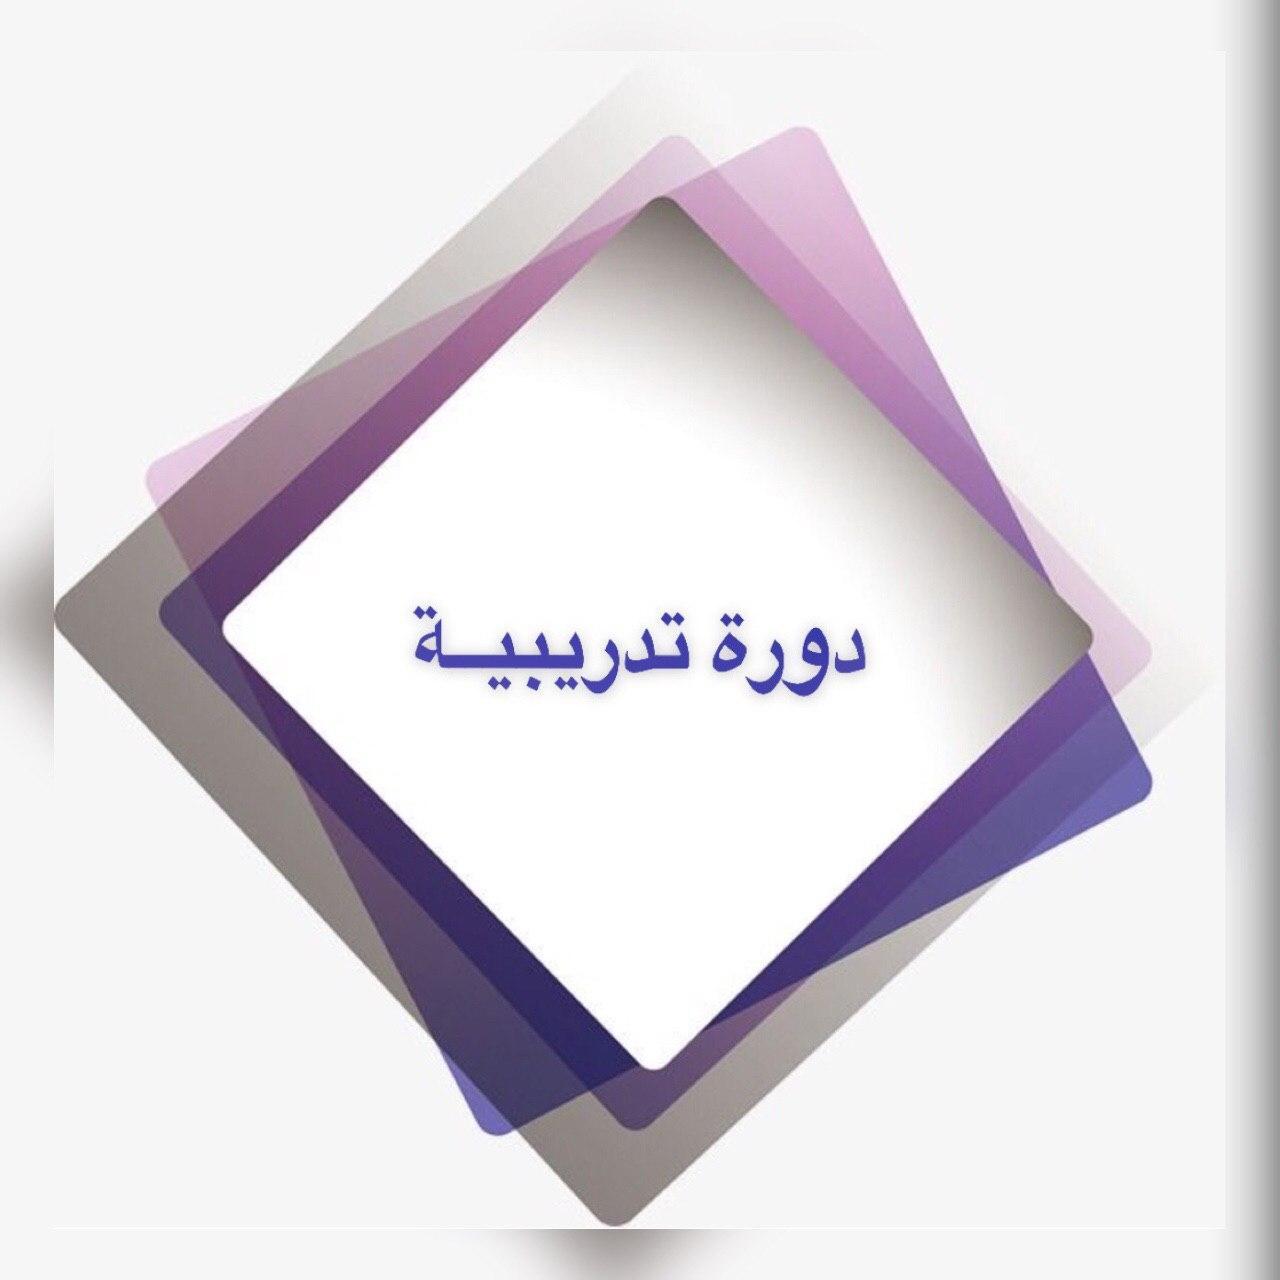 You are currently viewing جامعة كربلاء تنظم دورة تدريبية عن طريقة التصميم الجيد للأنظمة المالية والمحاسبية الإلكترونية وأهمية إستخدامها في تسير أعمال المنظمات وتحسين إدائها